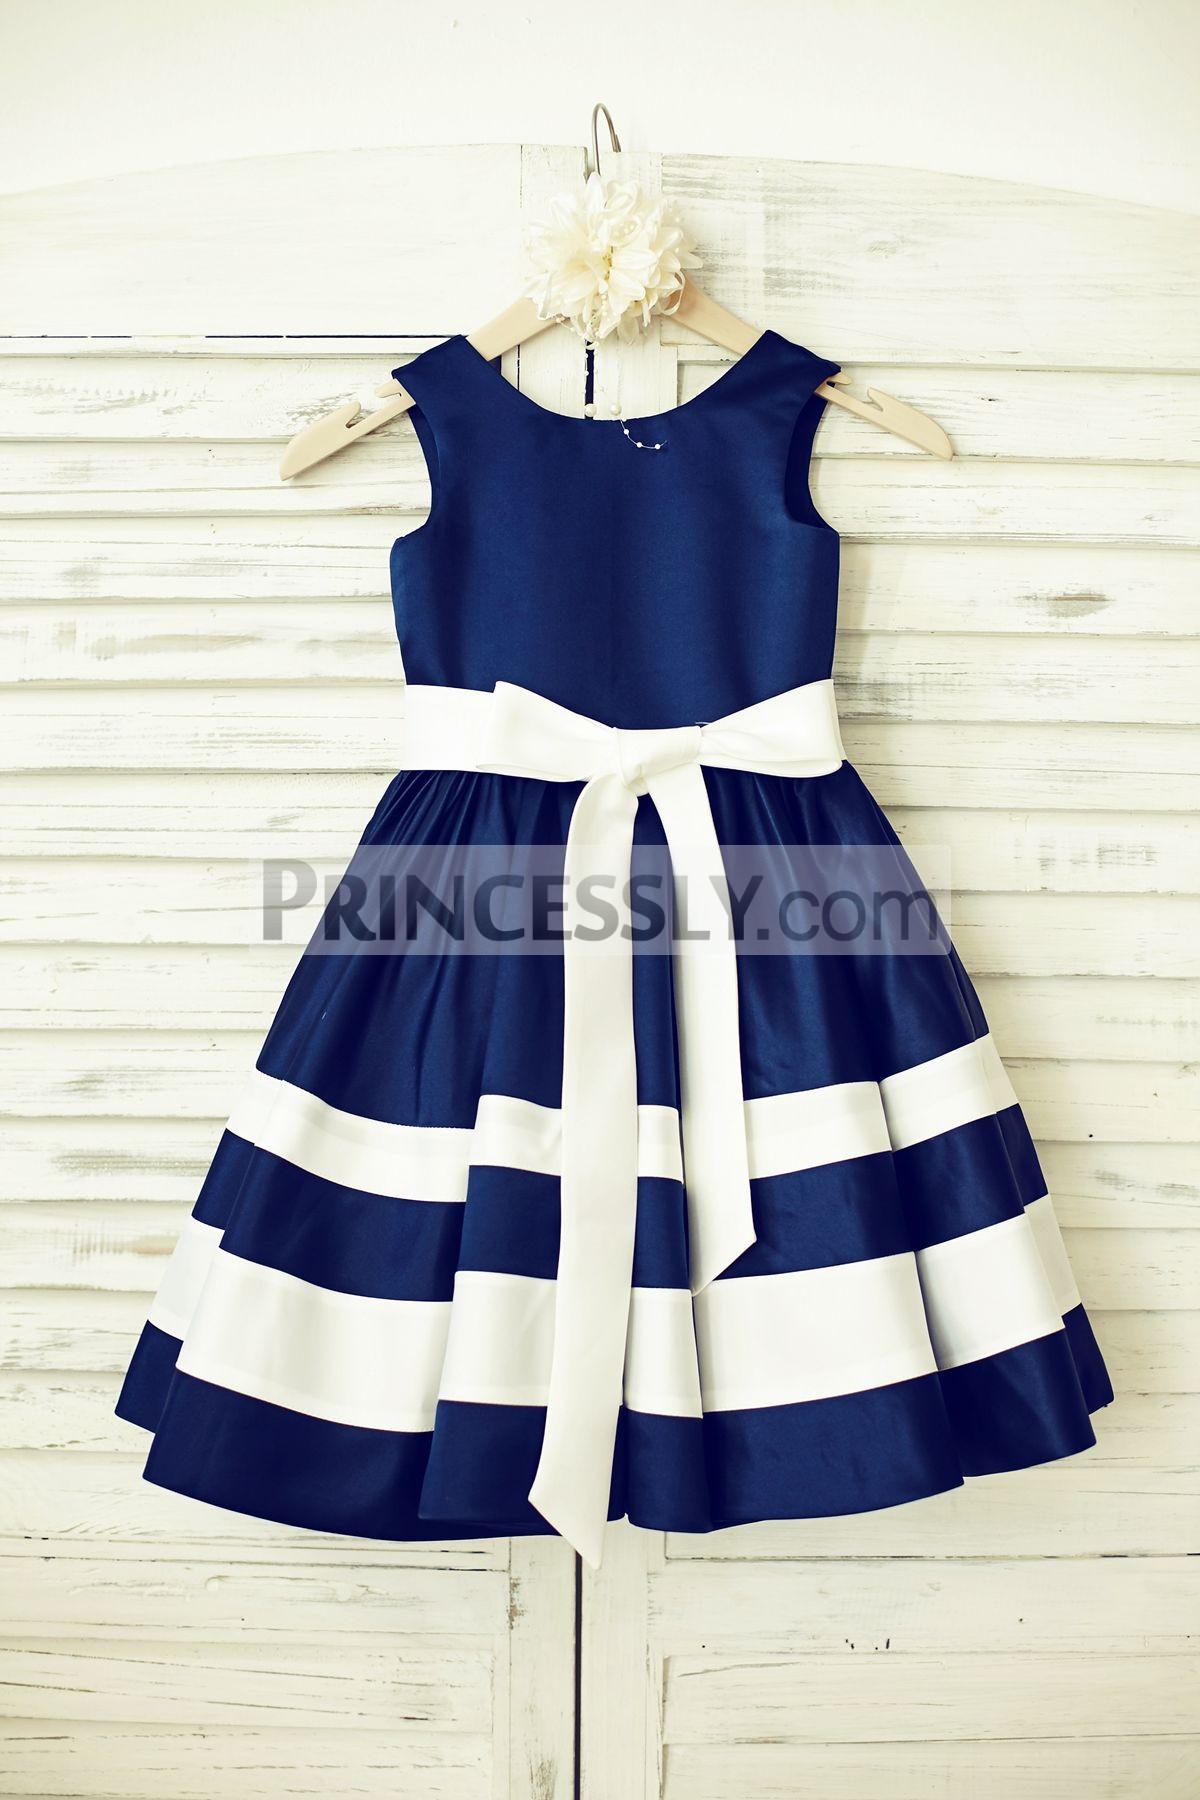 Navy Blue Satin Ivory Stripe Flower Girl Dress with Sash  Avivaly